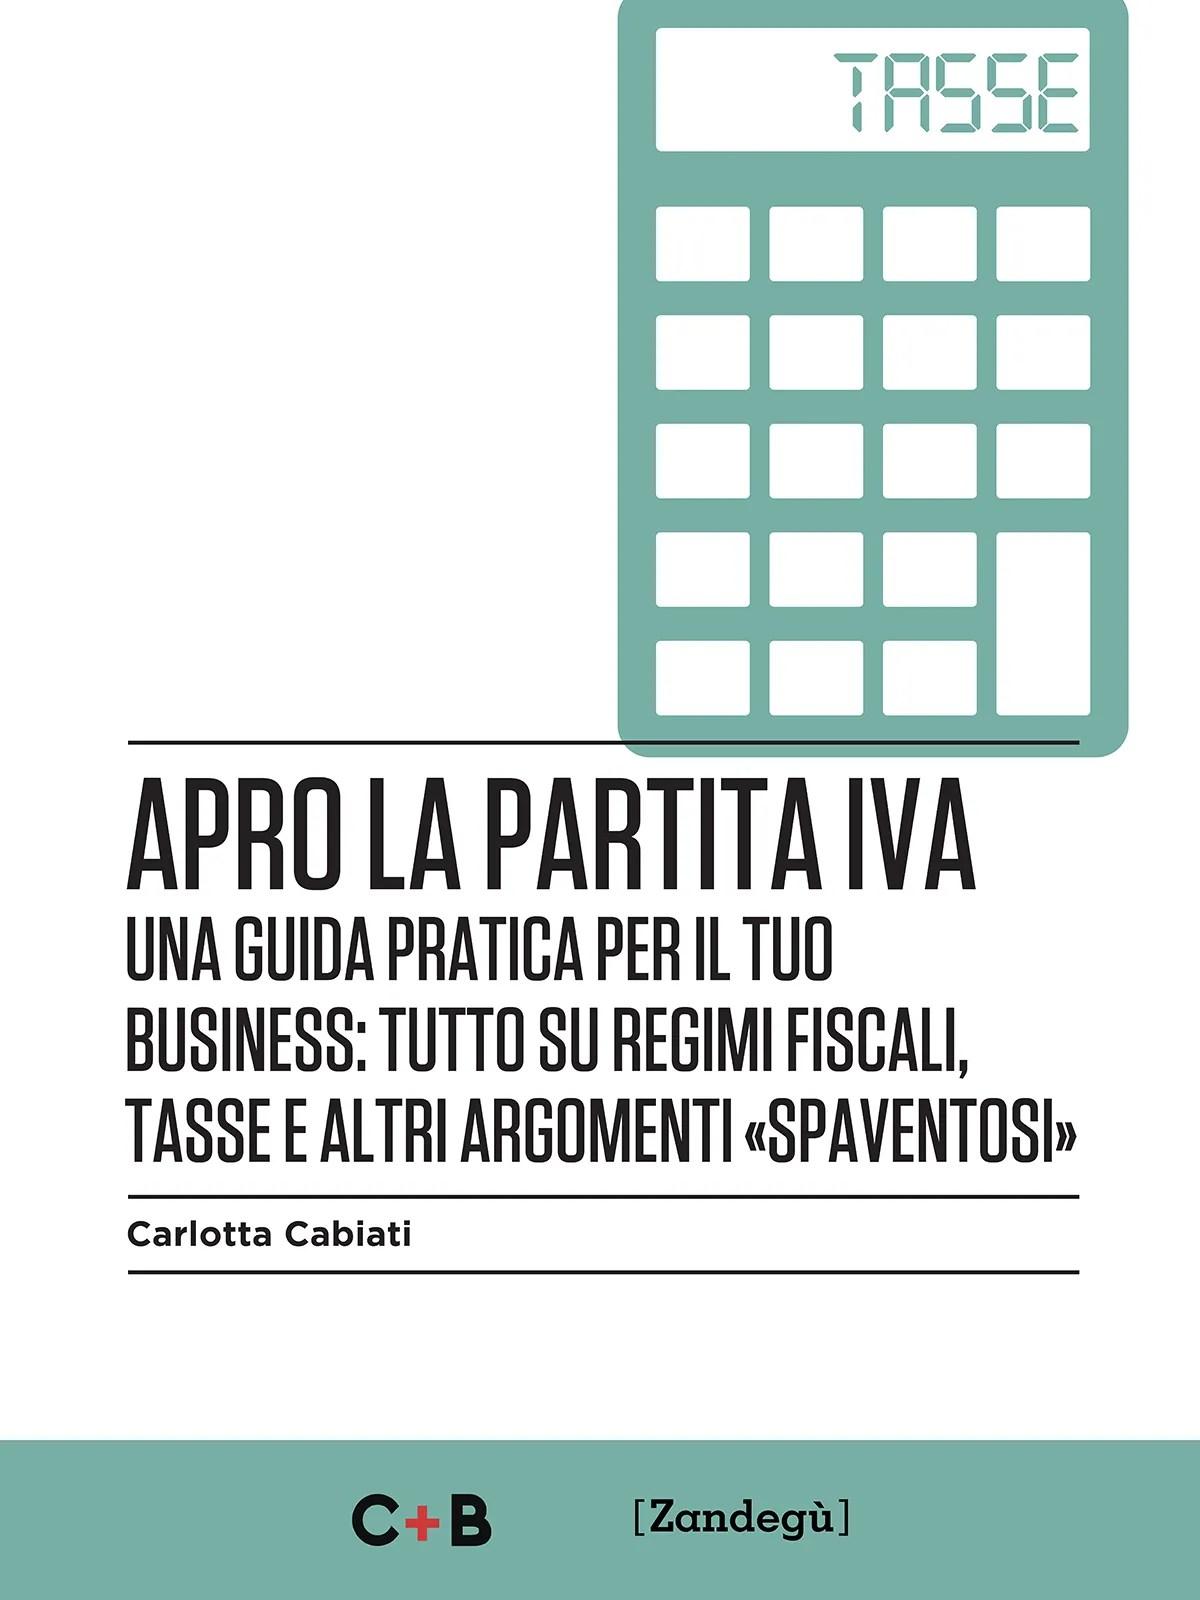 Copertina libro Apro la partita iva di Carlotta Cabiati